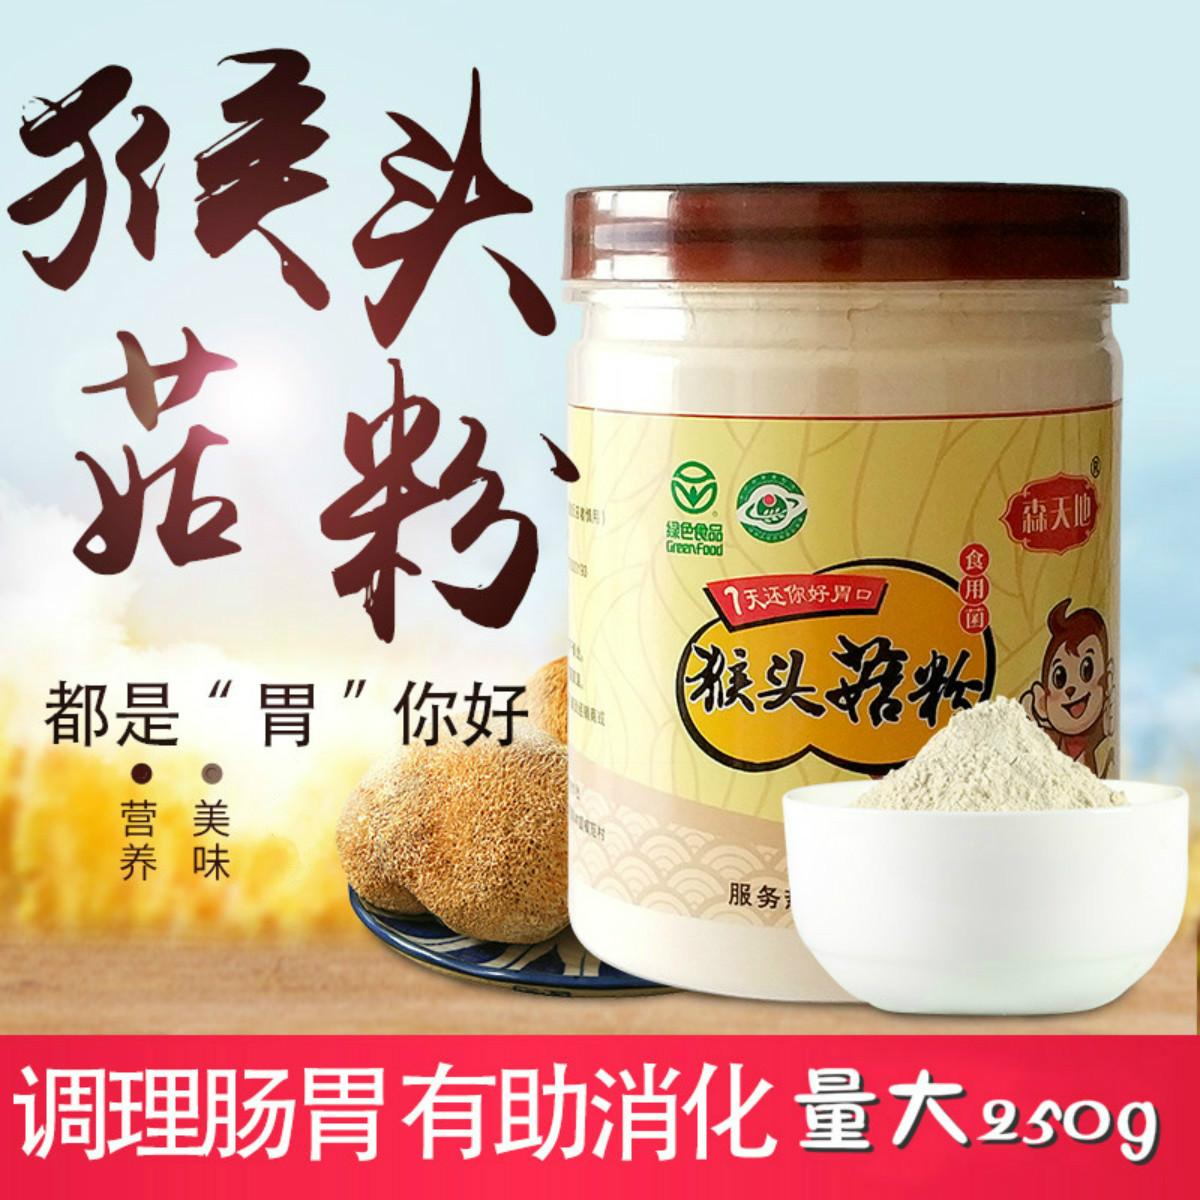 猴菇粉农家自产猴头菇干货东北仿野生粉250g早餐猴头菇粉